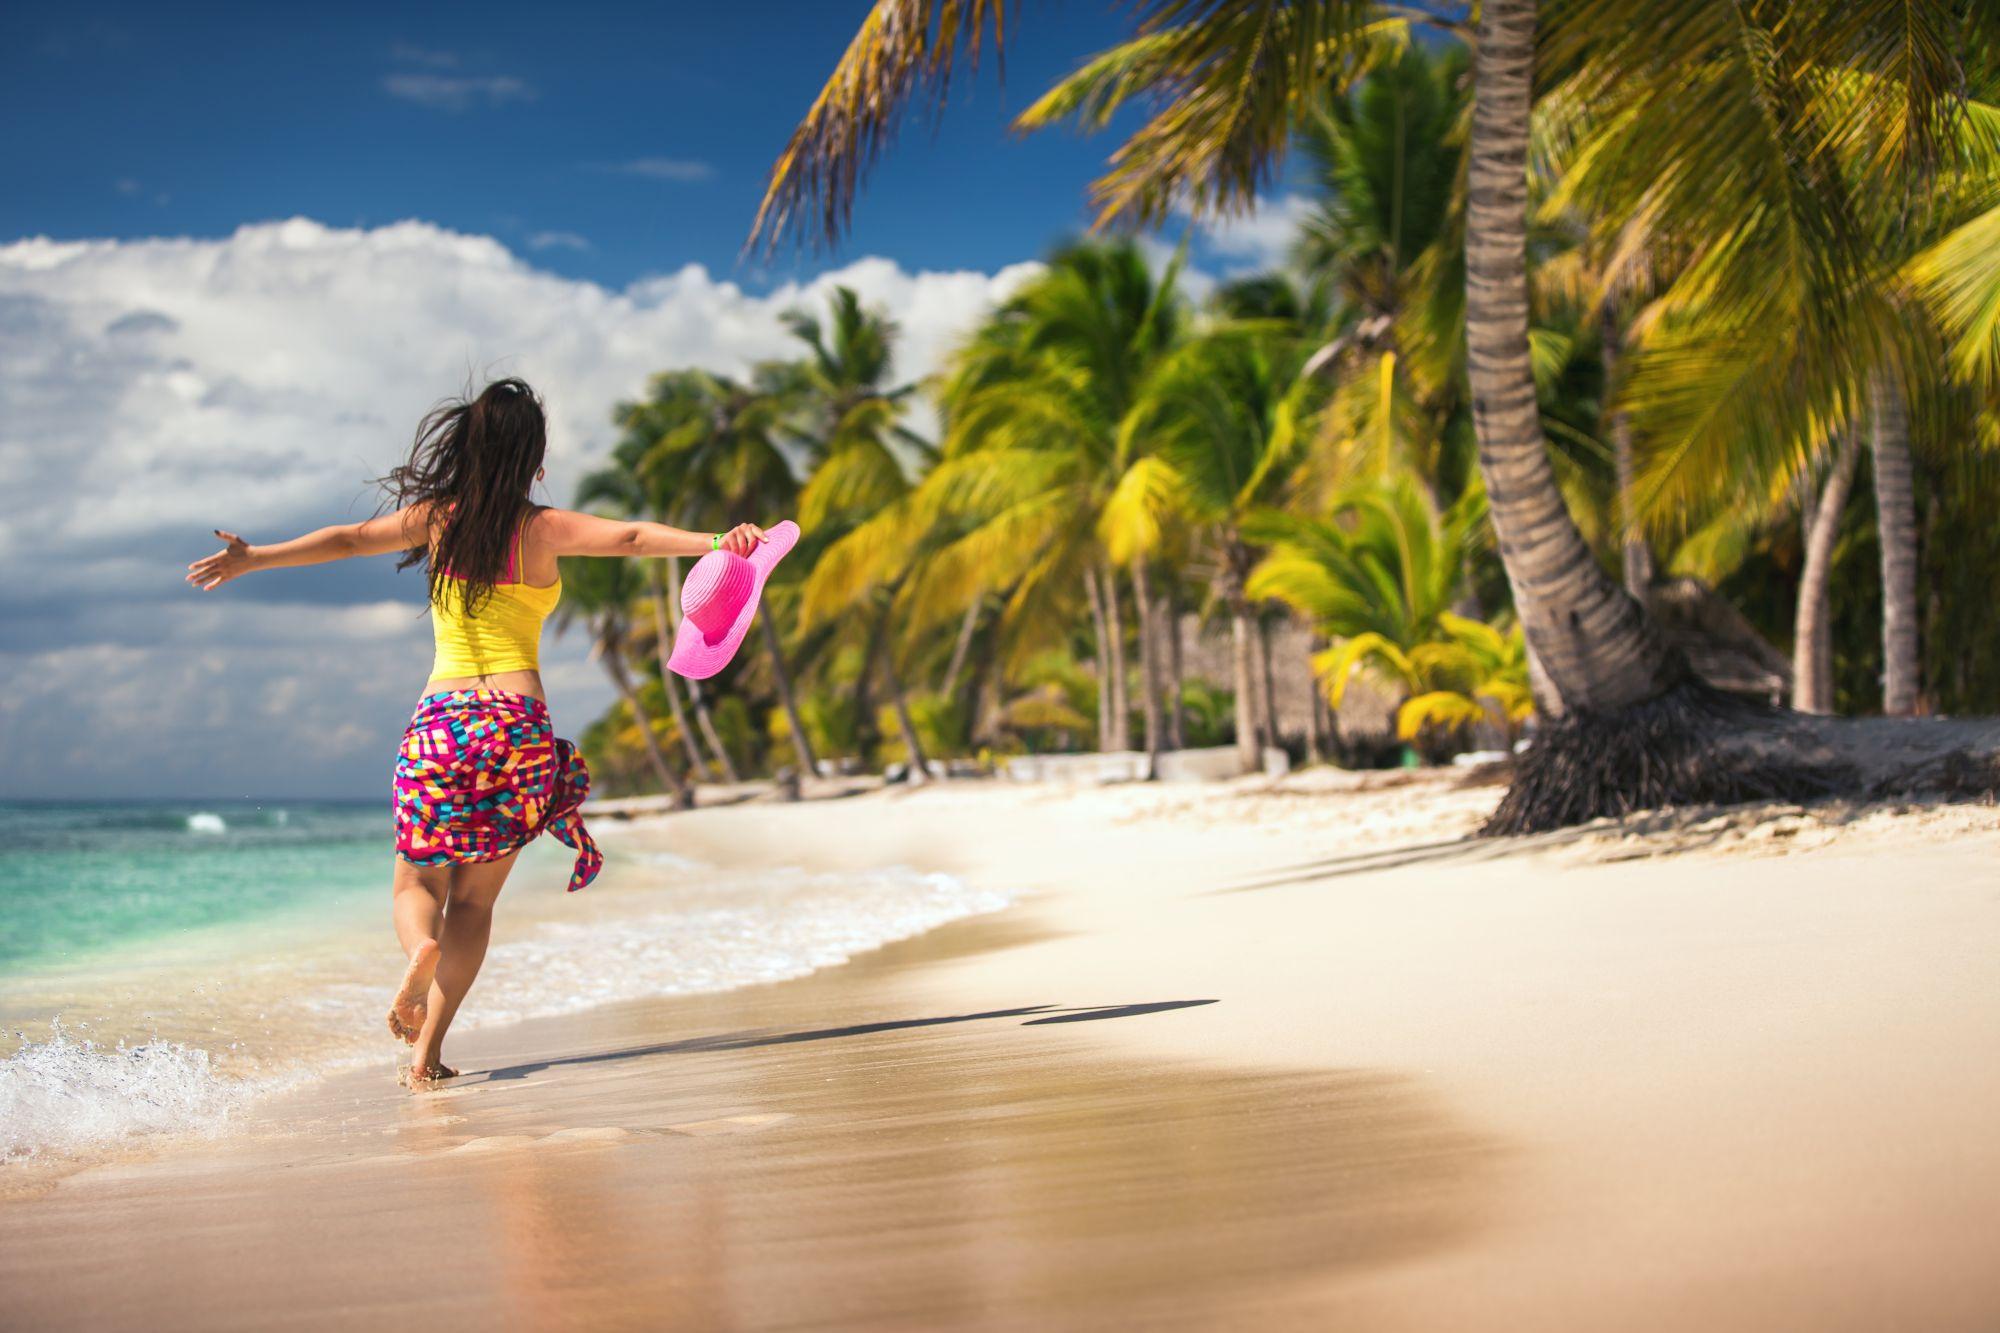 Dominikana kobieta na plaży